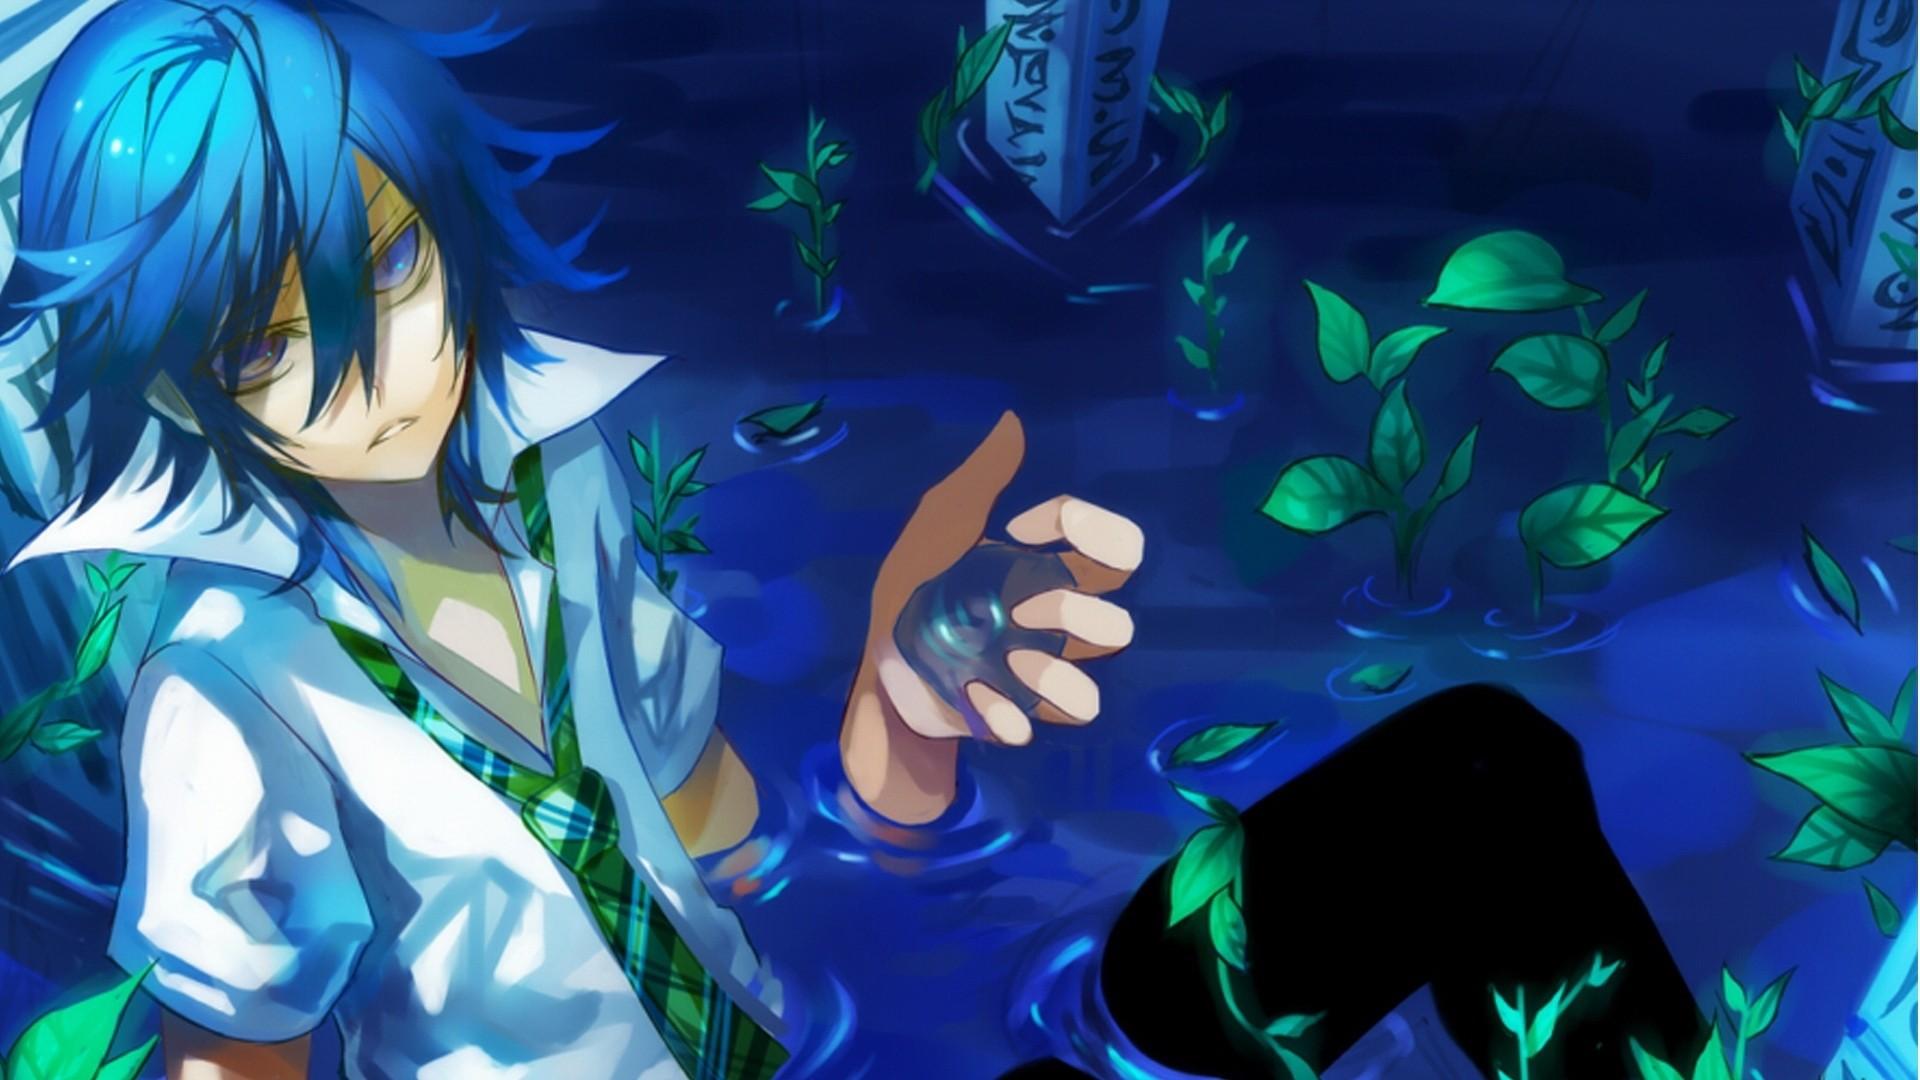 Anime Demon Boy Wallpaper